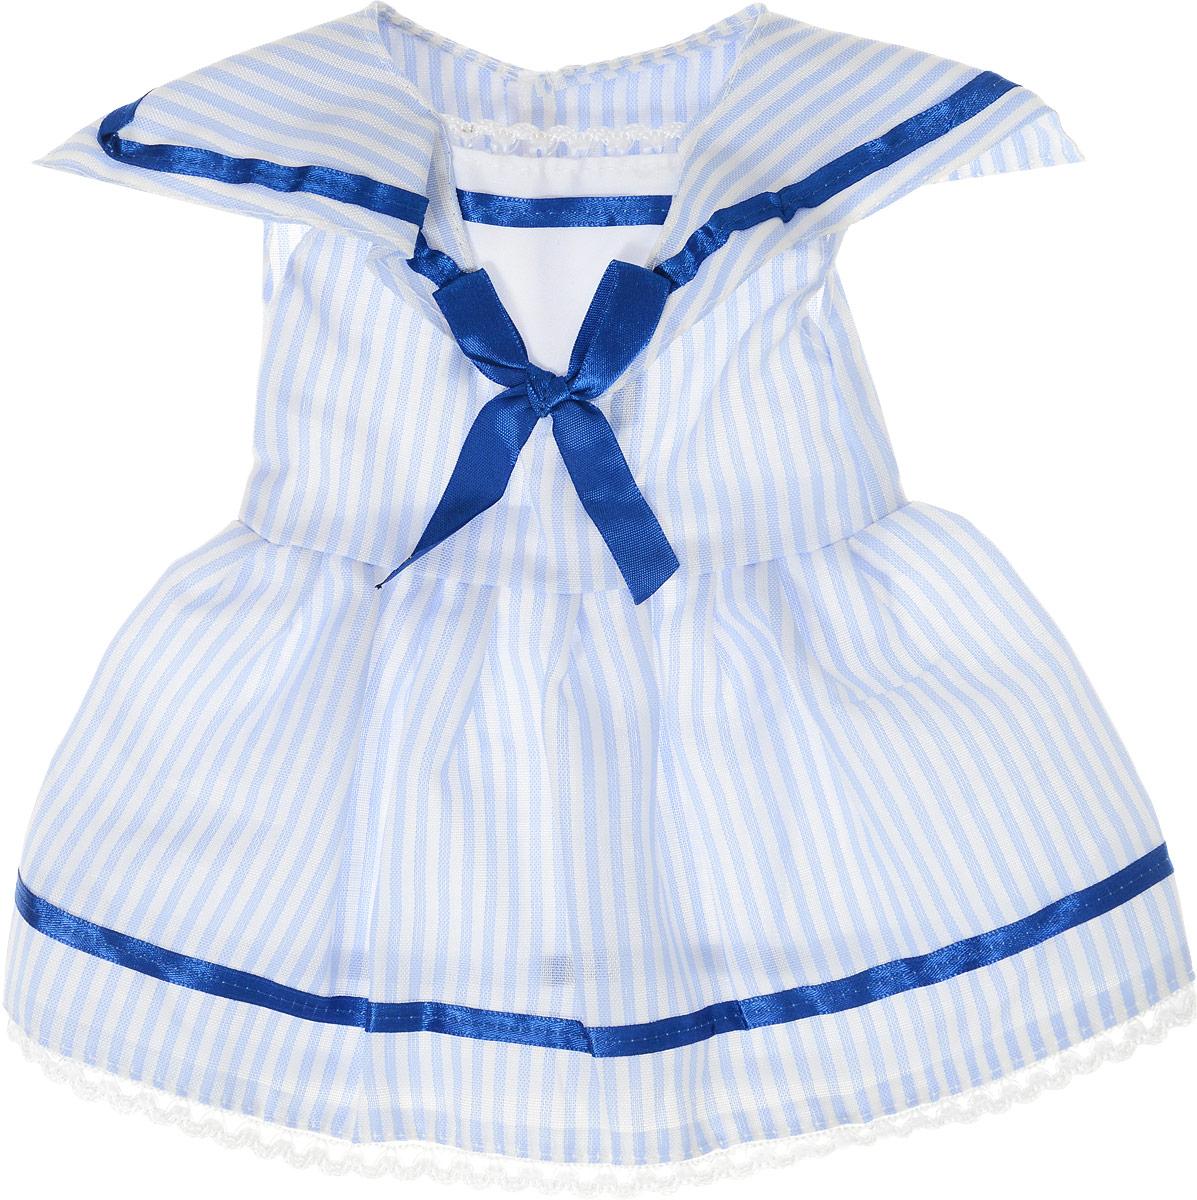 Junfa Toys Одежда для кукол Платье цвет платья белый синий